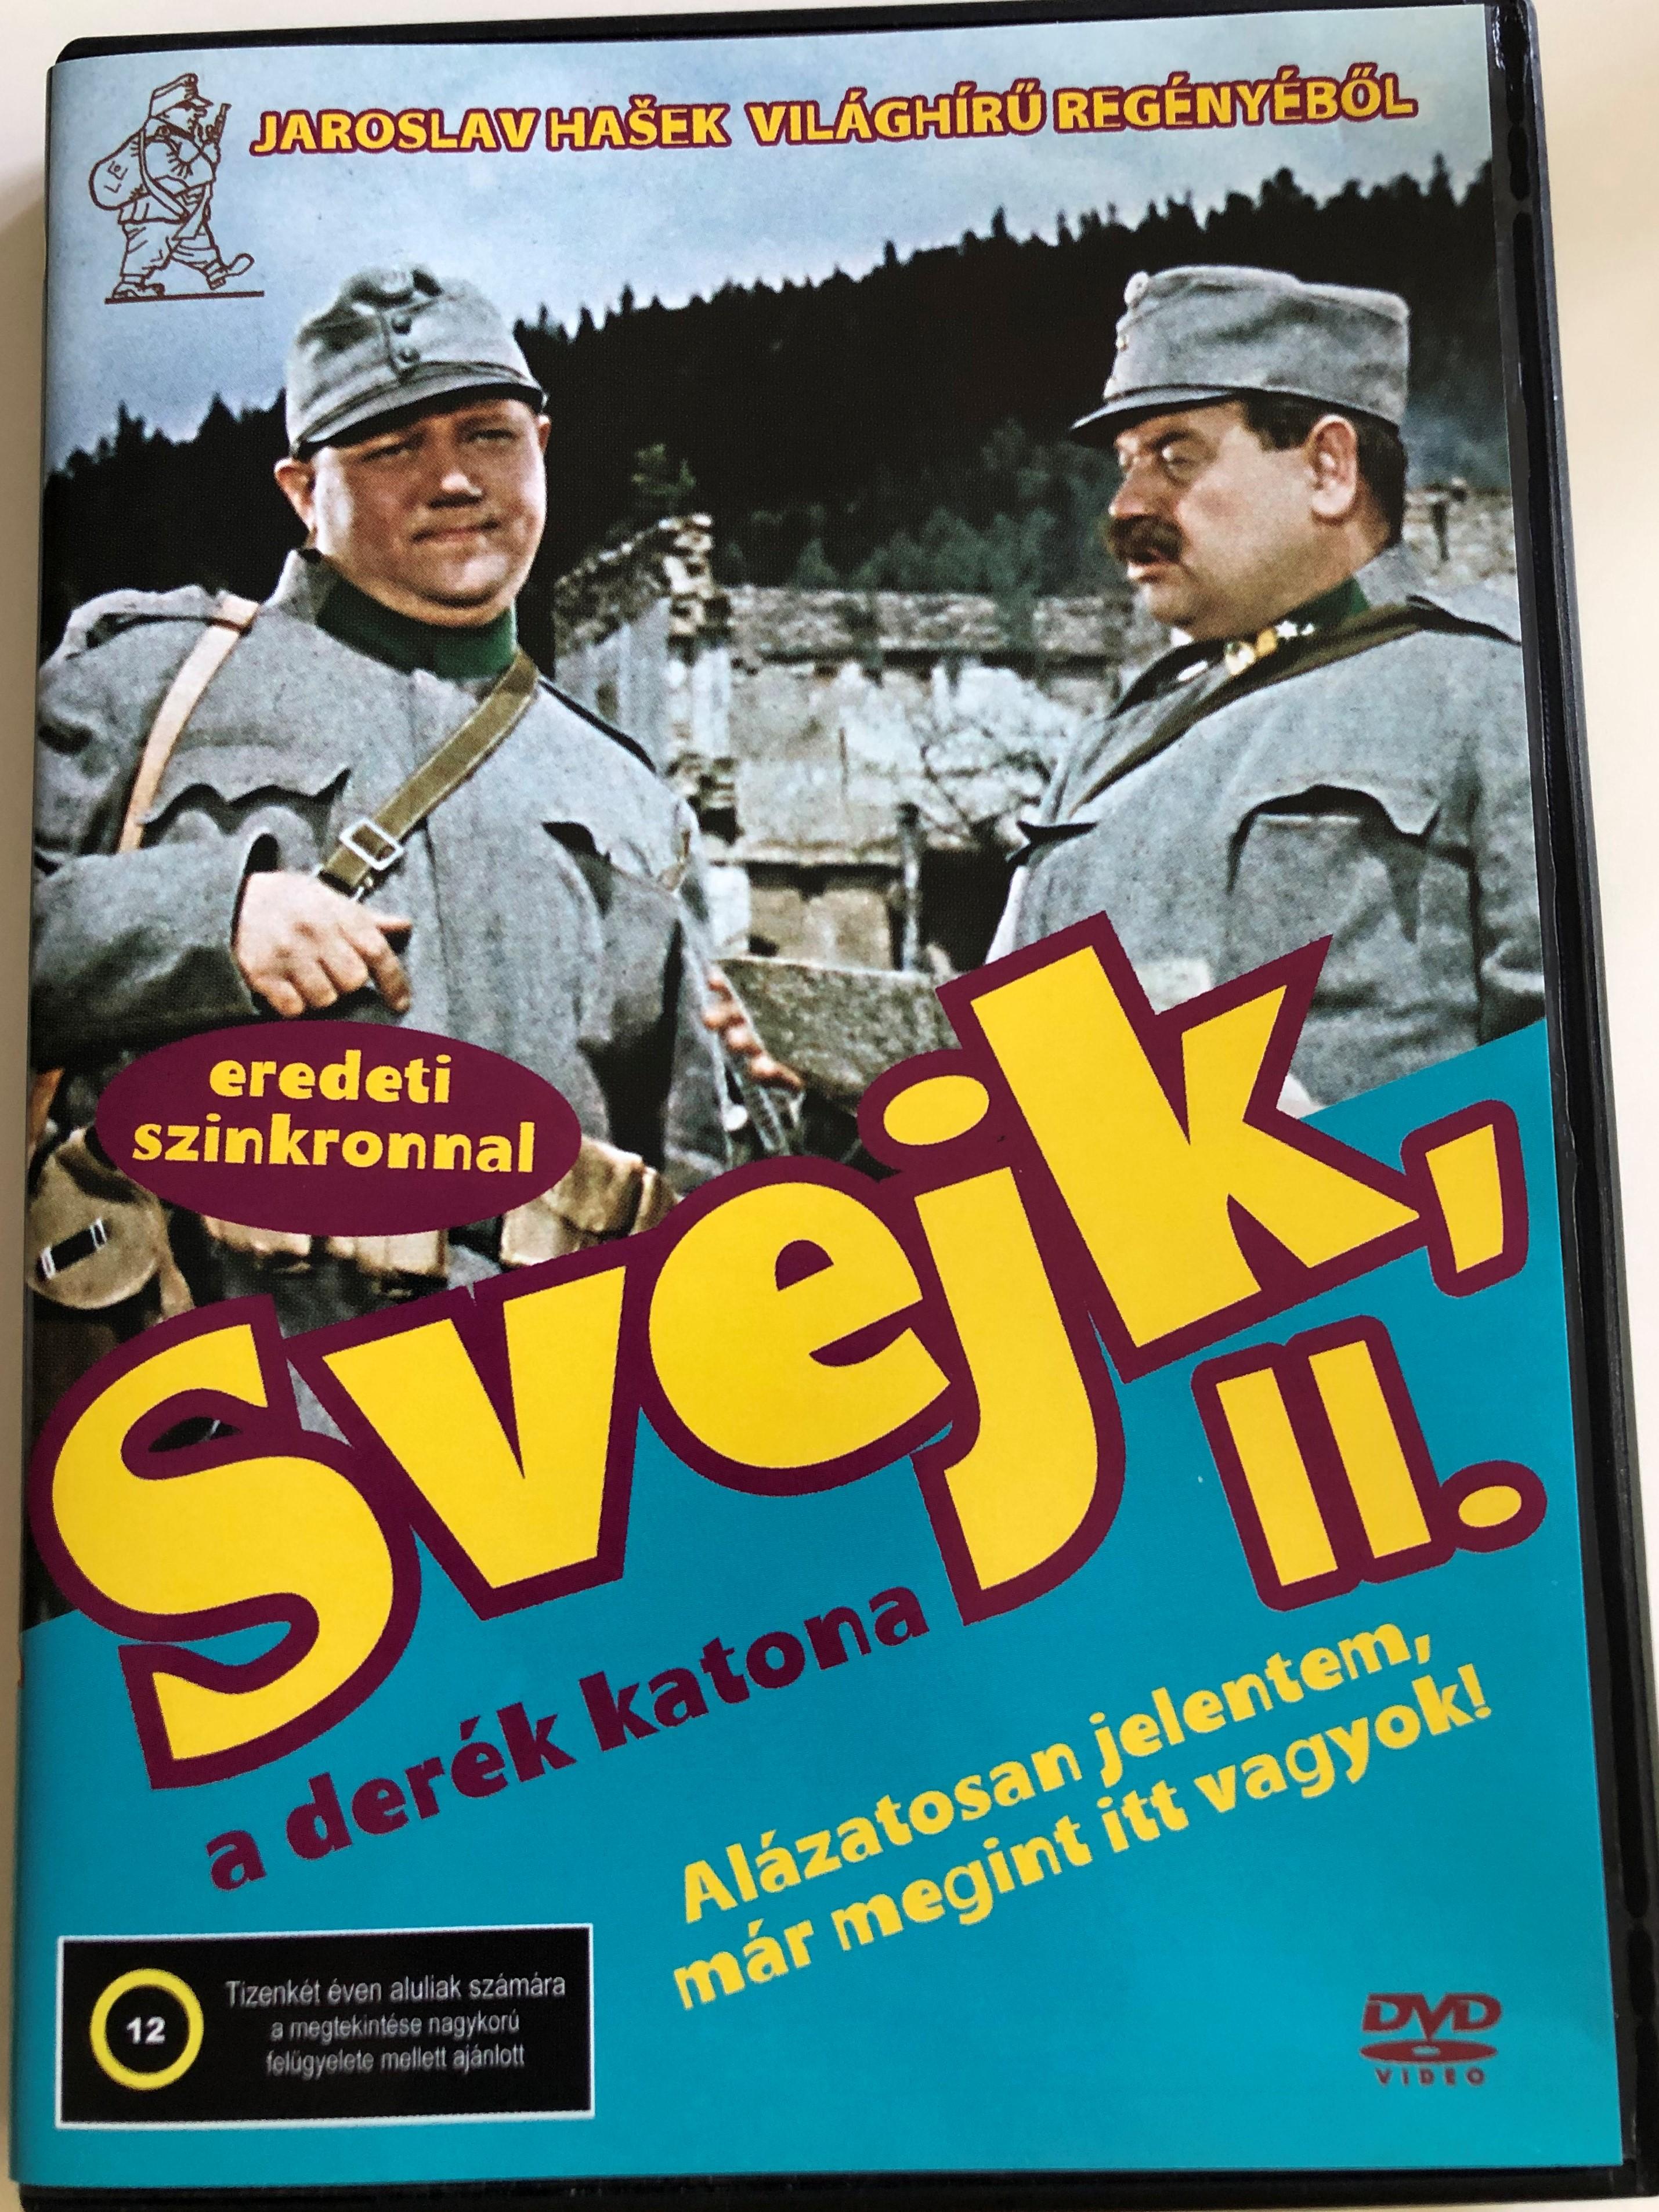 dobry-voj-k-svejk-2.-dvd-1956-svejk-a-der-k-katona-2.-directed-by-karel-stekly-starring-rudolf-hrusinsky-svatopluk-benes-frantisek-filipovsky-bozena-havlickov-josef-hlinomaz-1-.jpg